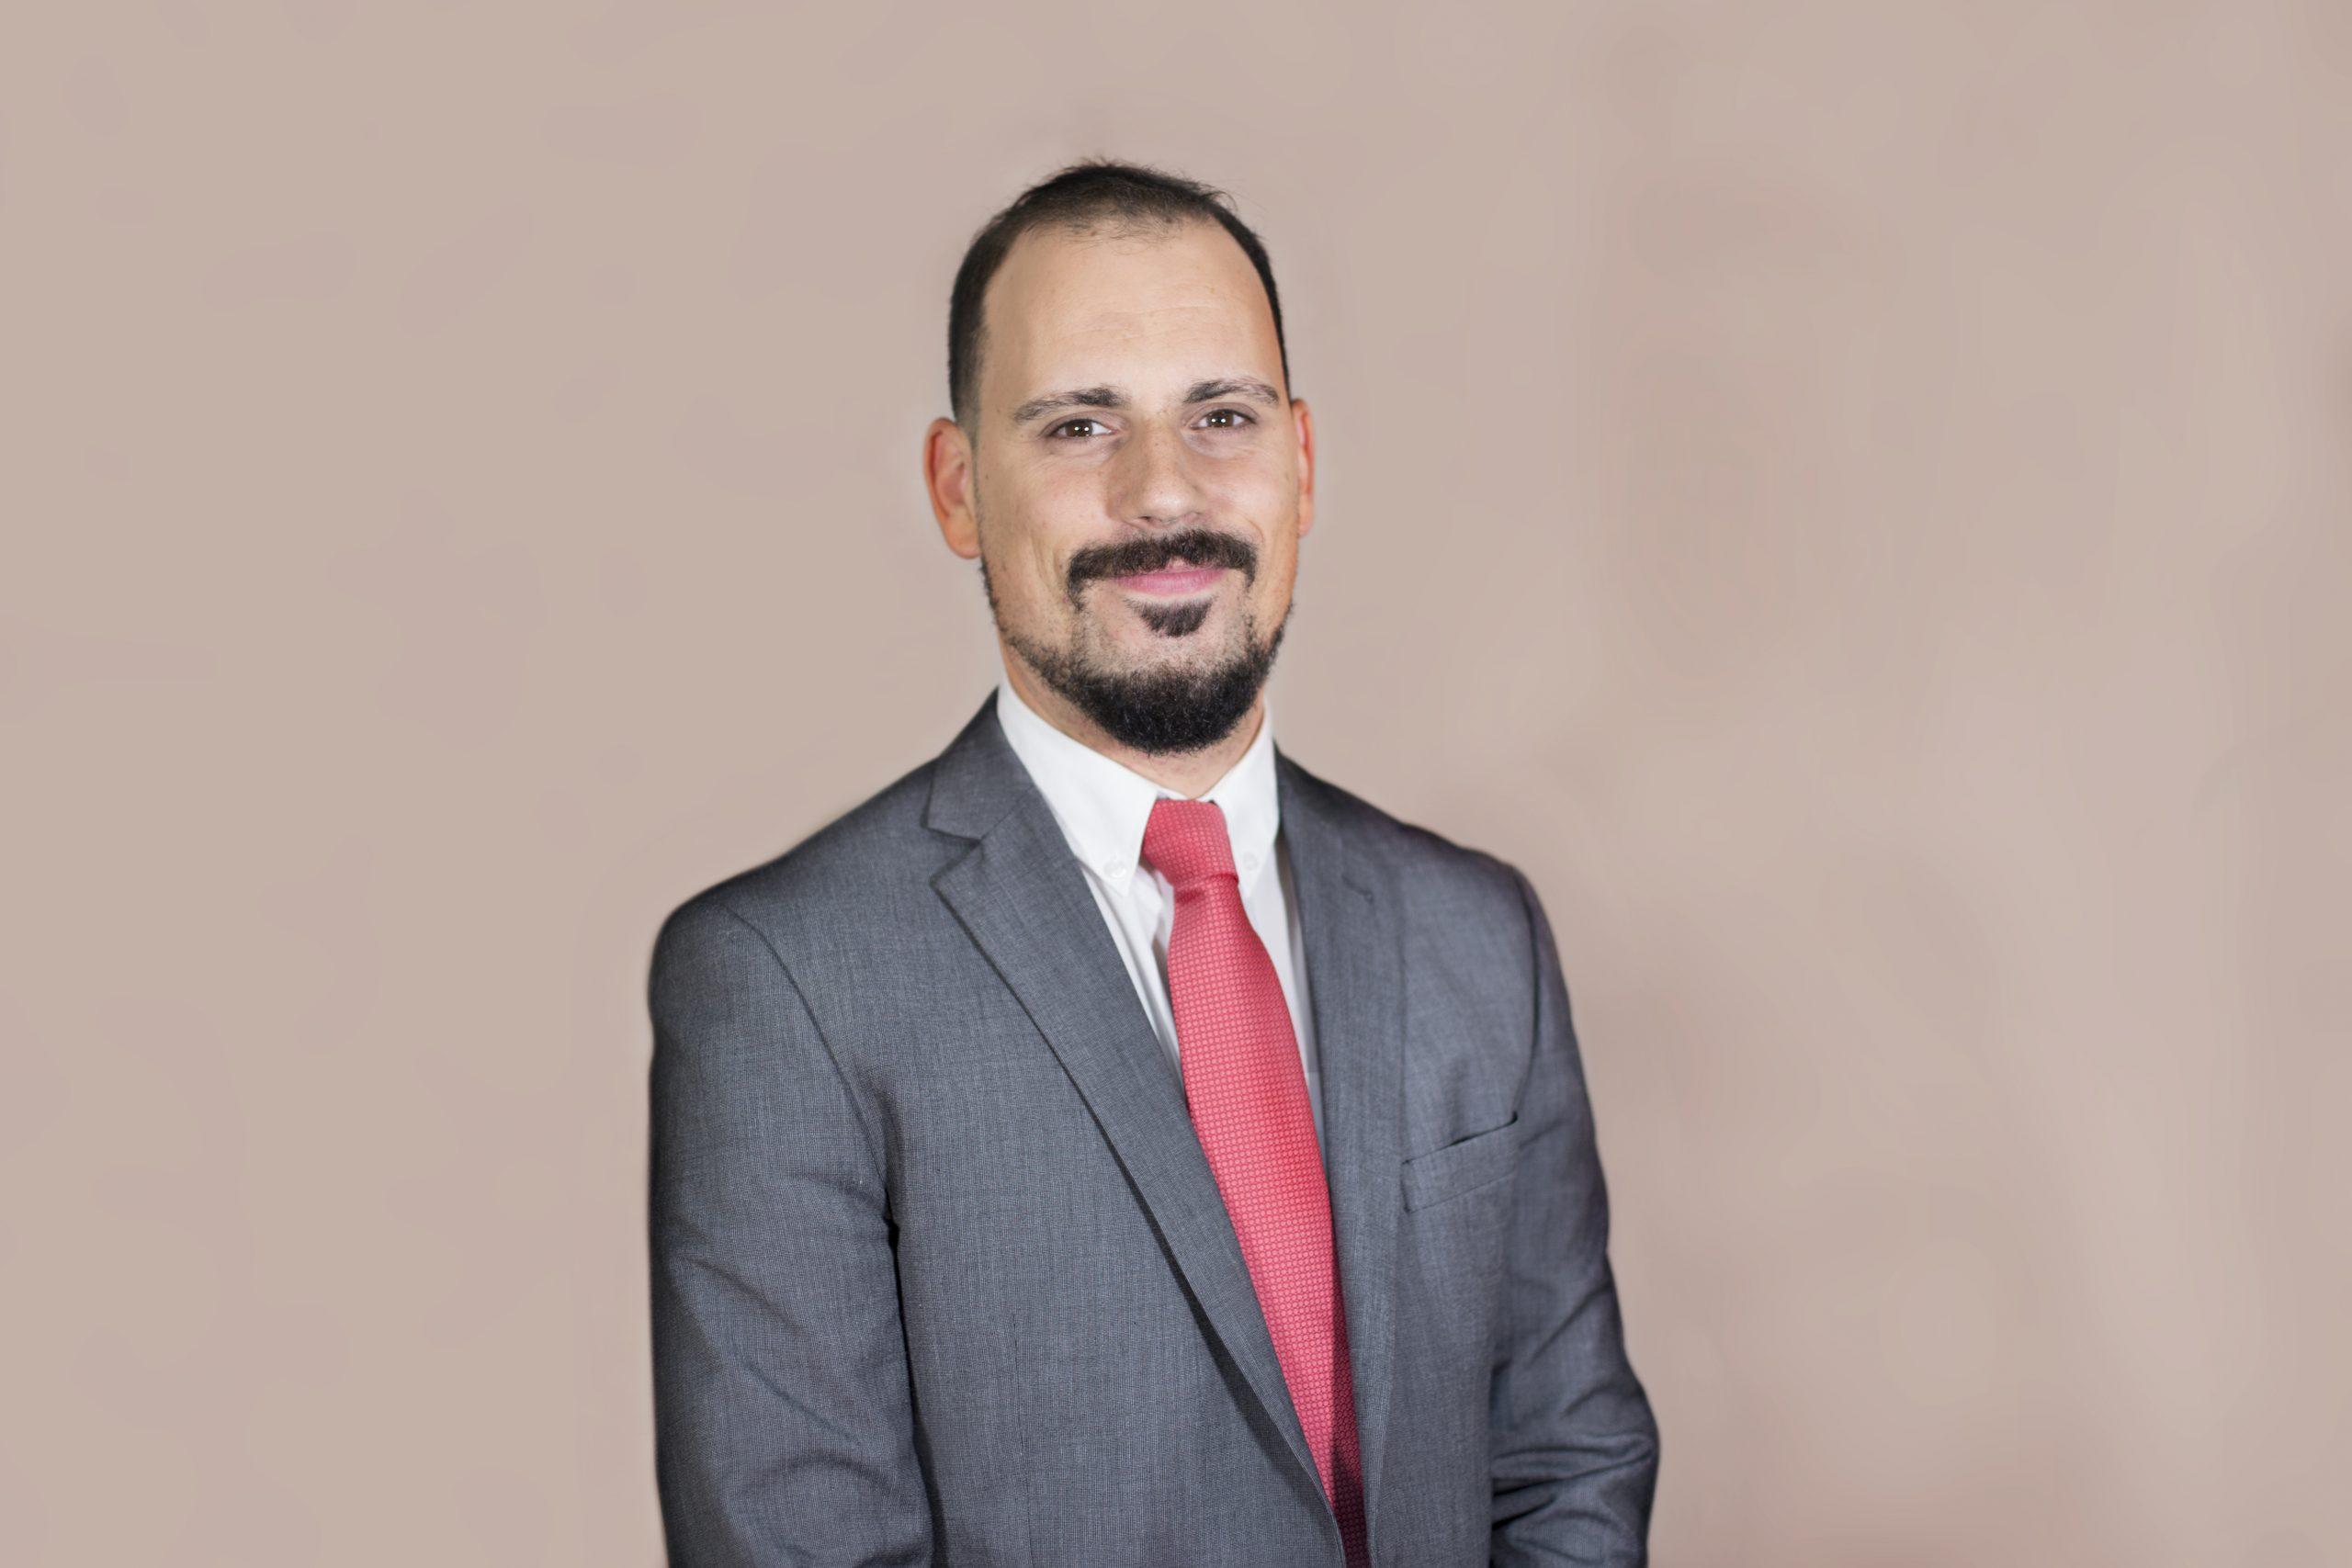 Mr. Ángel López Argüeta Room Division Lecturer Les Roches